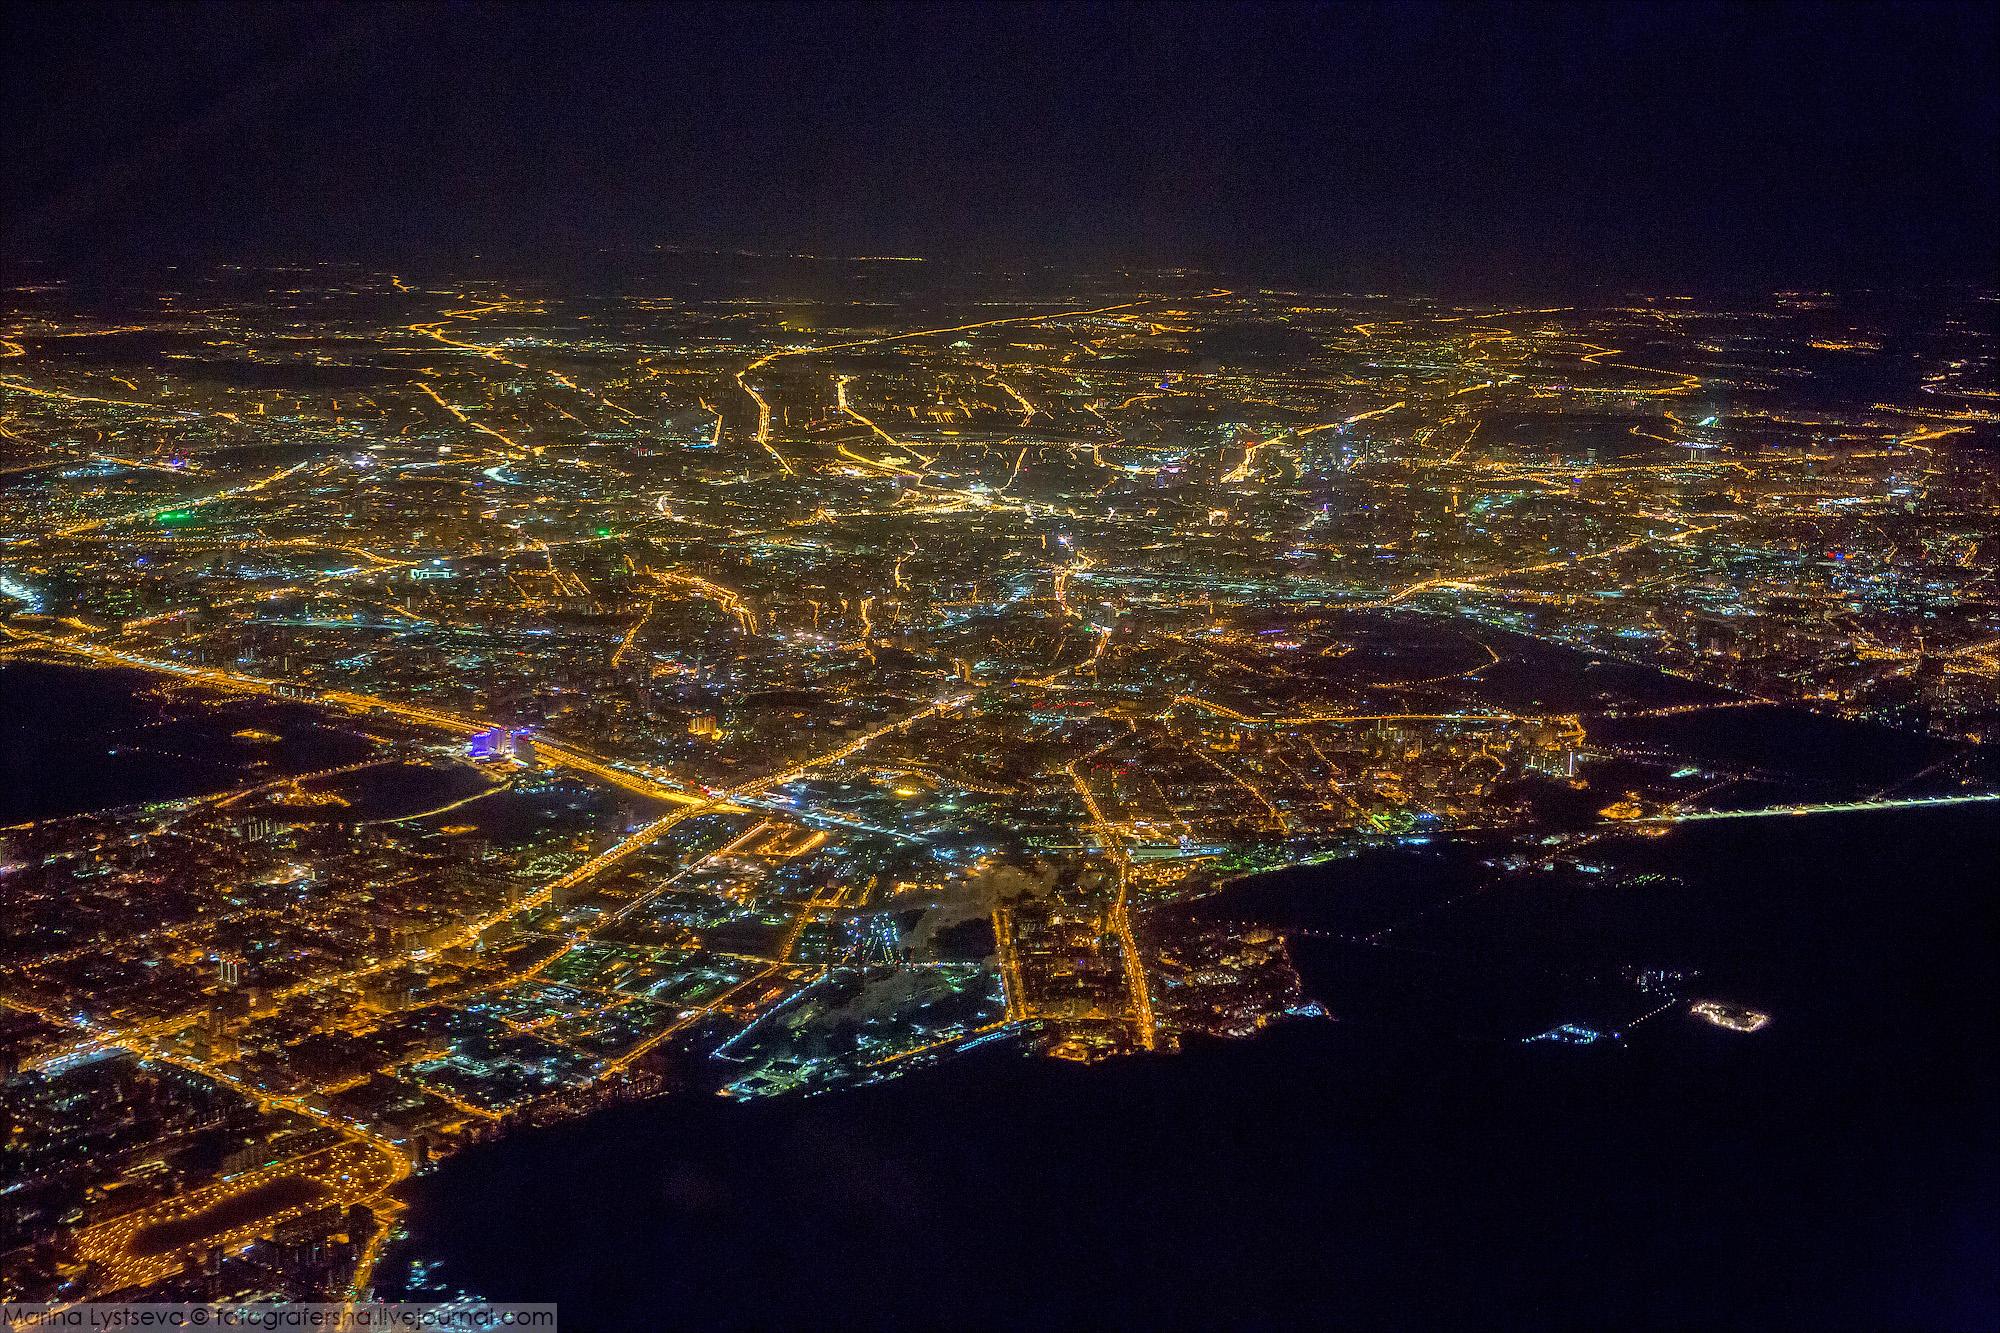 родным отцом фотографии из окна самолета ночная москва нежная черёмуха